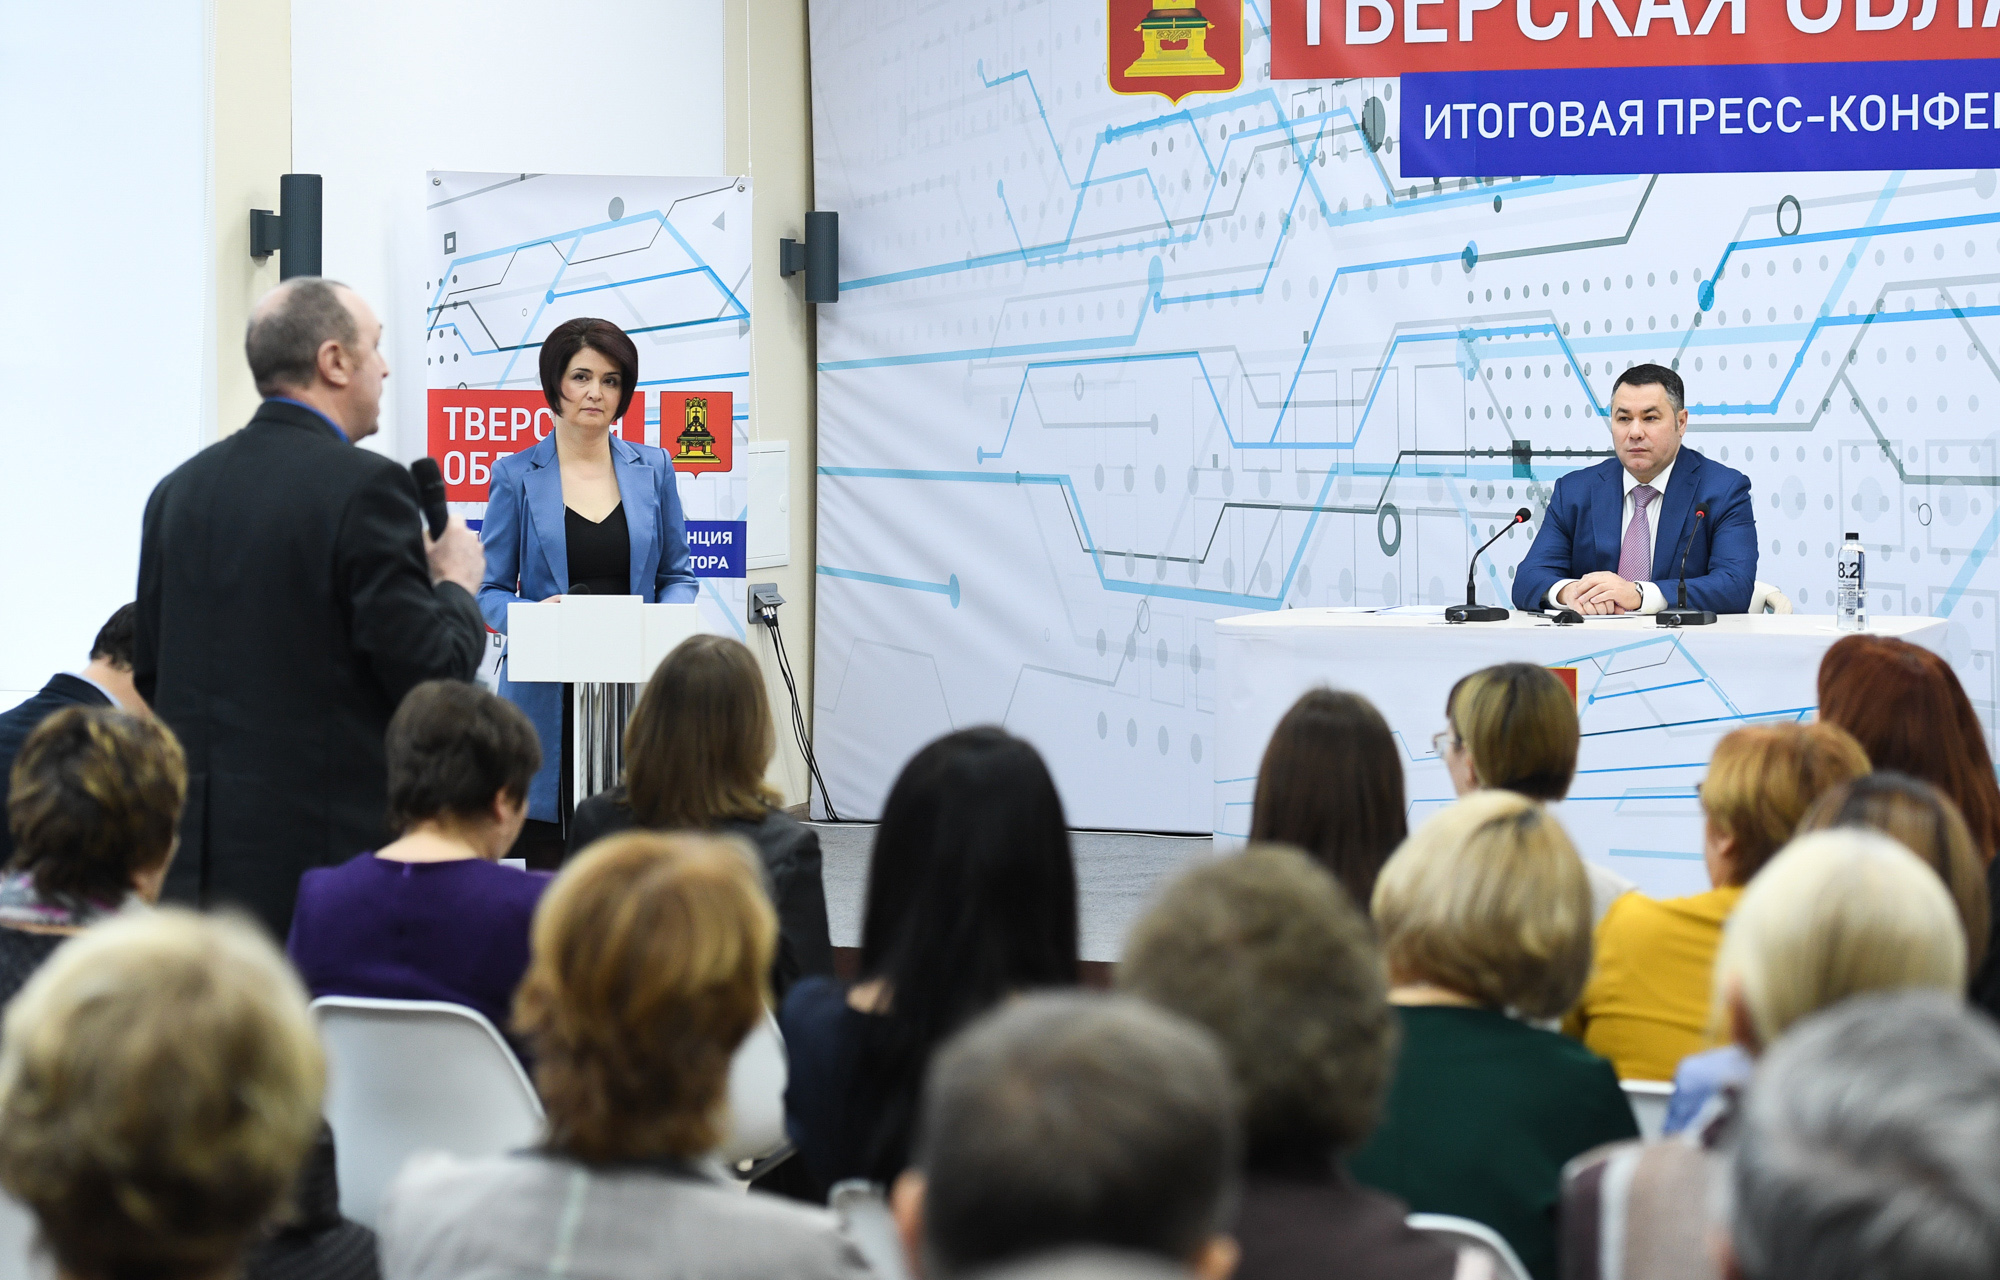 Как проходили пресс-конференции Игоря Рудени: топ интересных фактов